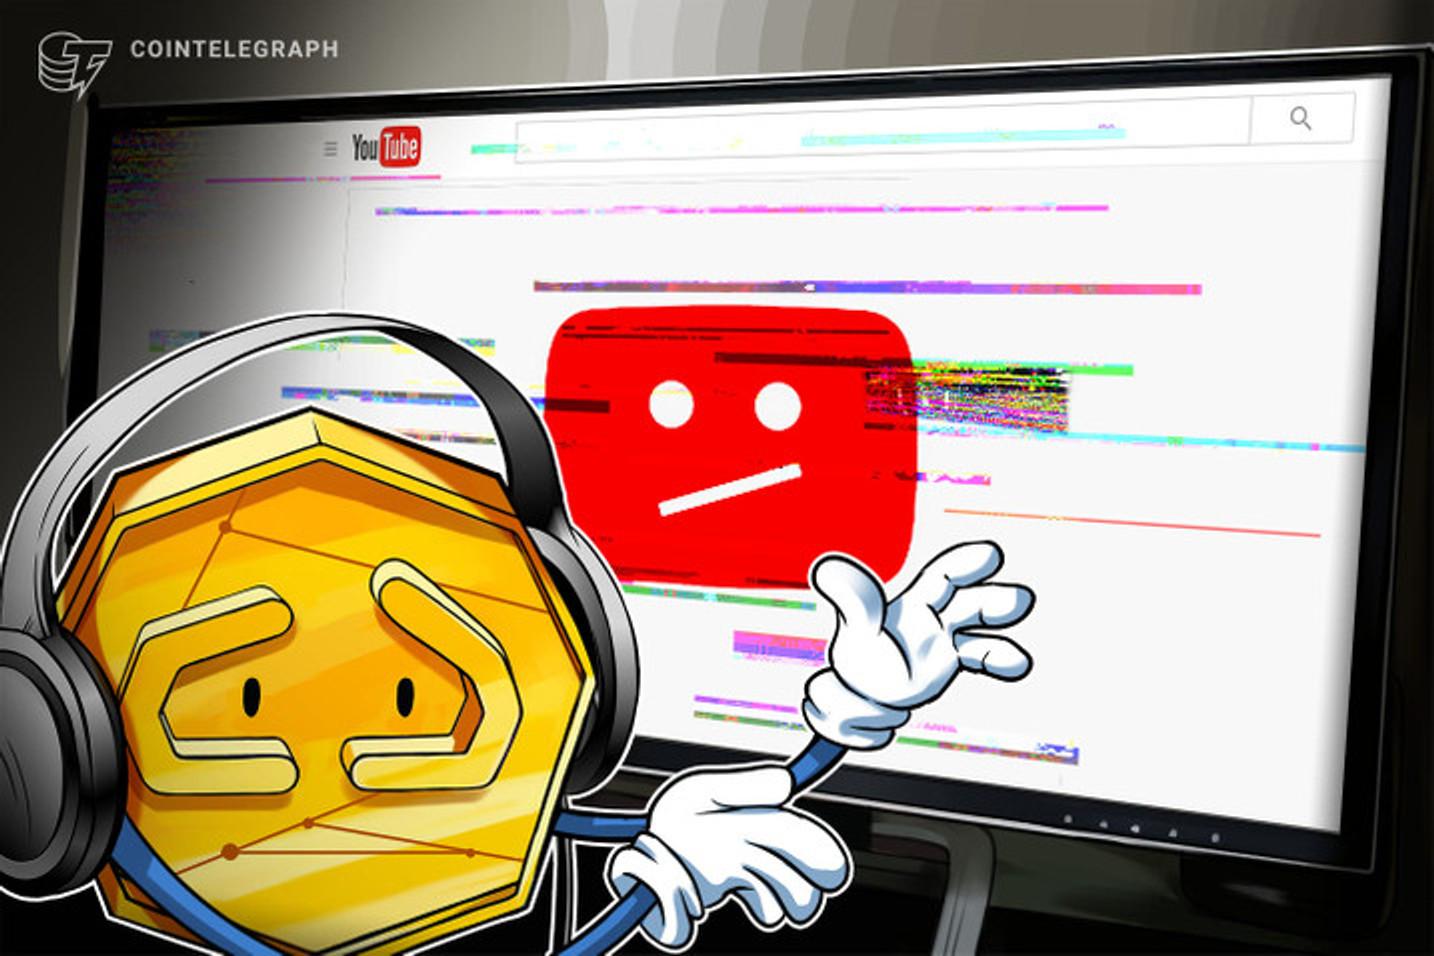 Canal brasileiro com 10 milhões de inscritos cai em golpe com Cyberpunk 2077 e sofre hack de fraude de criptomoedas